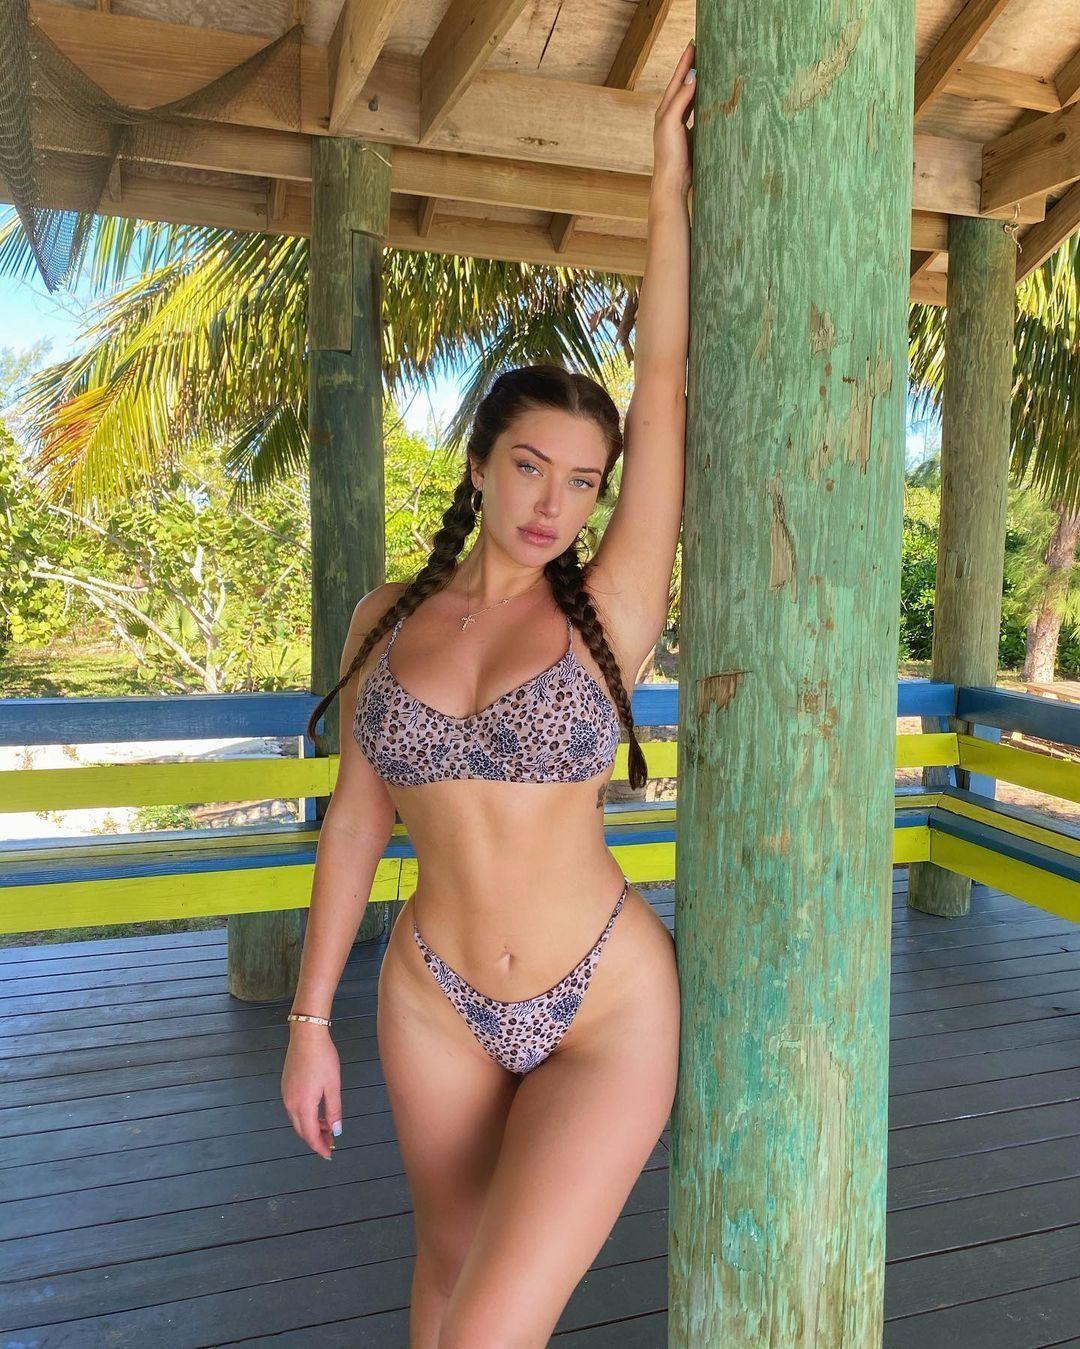 Ngắm nhan sắc nóng bỏng của bạn thân Kylie Jenner ảnh 6